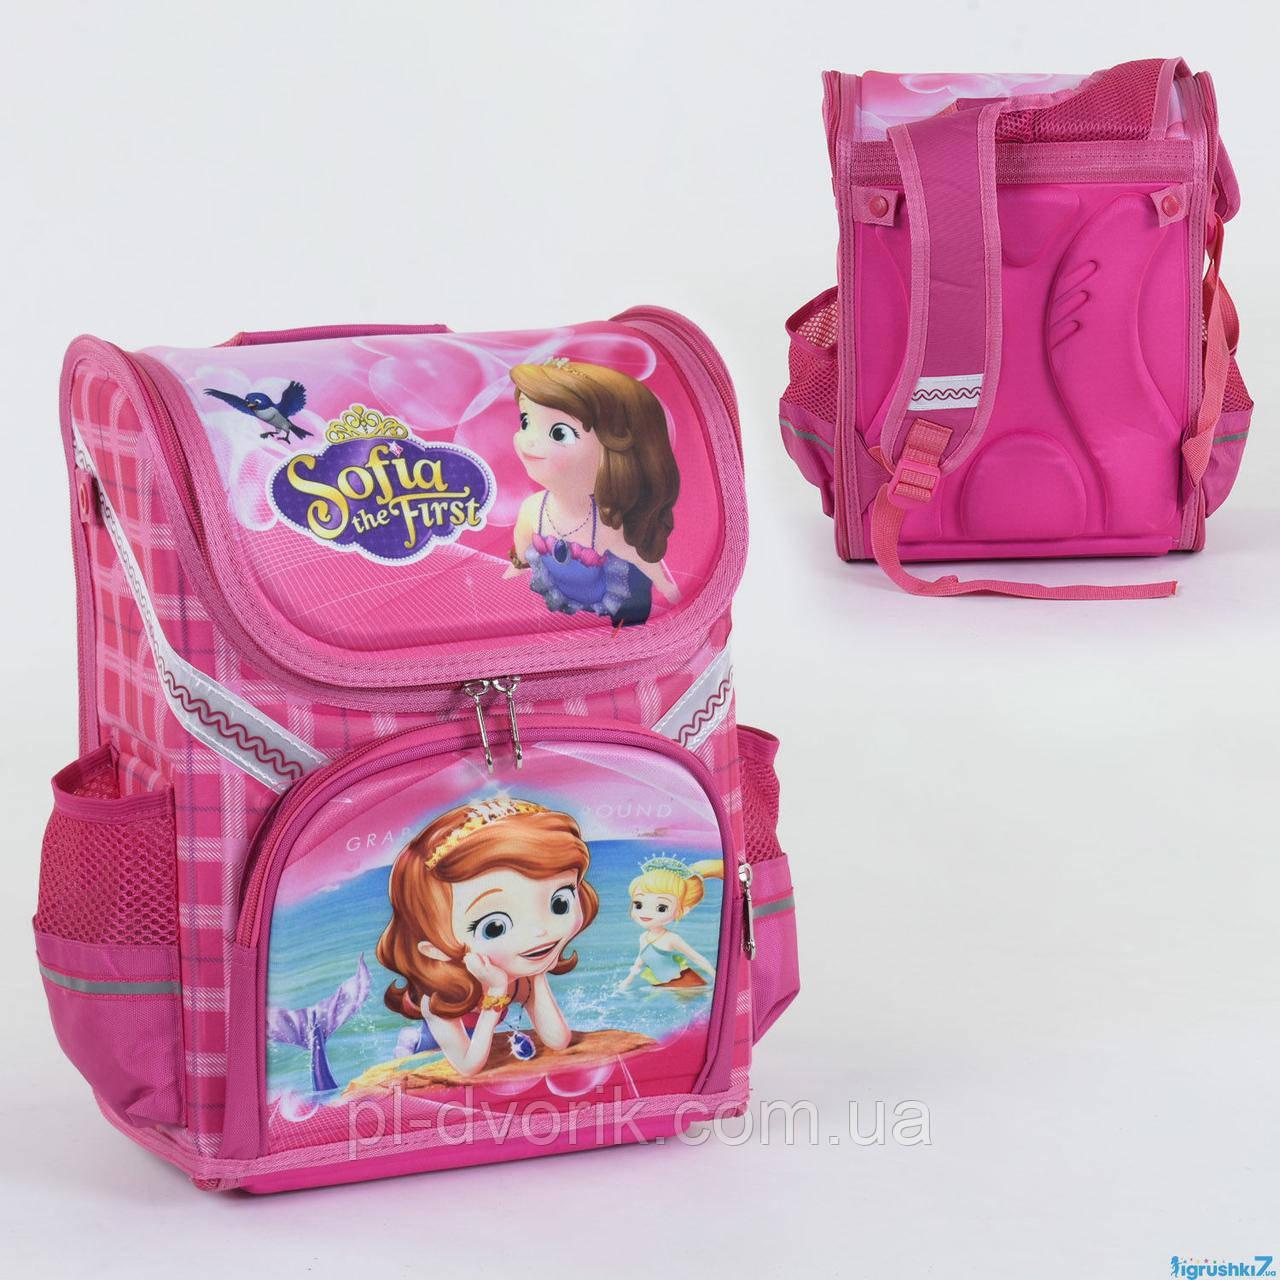 Рюкзак школьный каркасный С 36184 (50) 1 отделение, 3 кармана, спинка ортопедическая, 3D изображение  Размер у